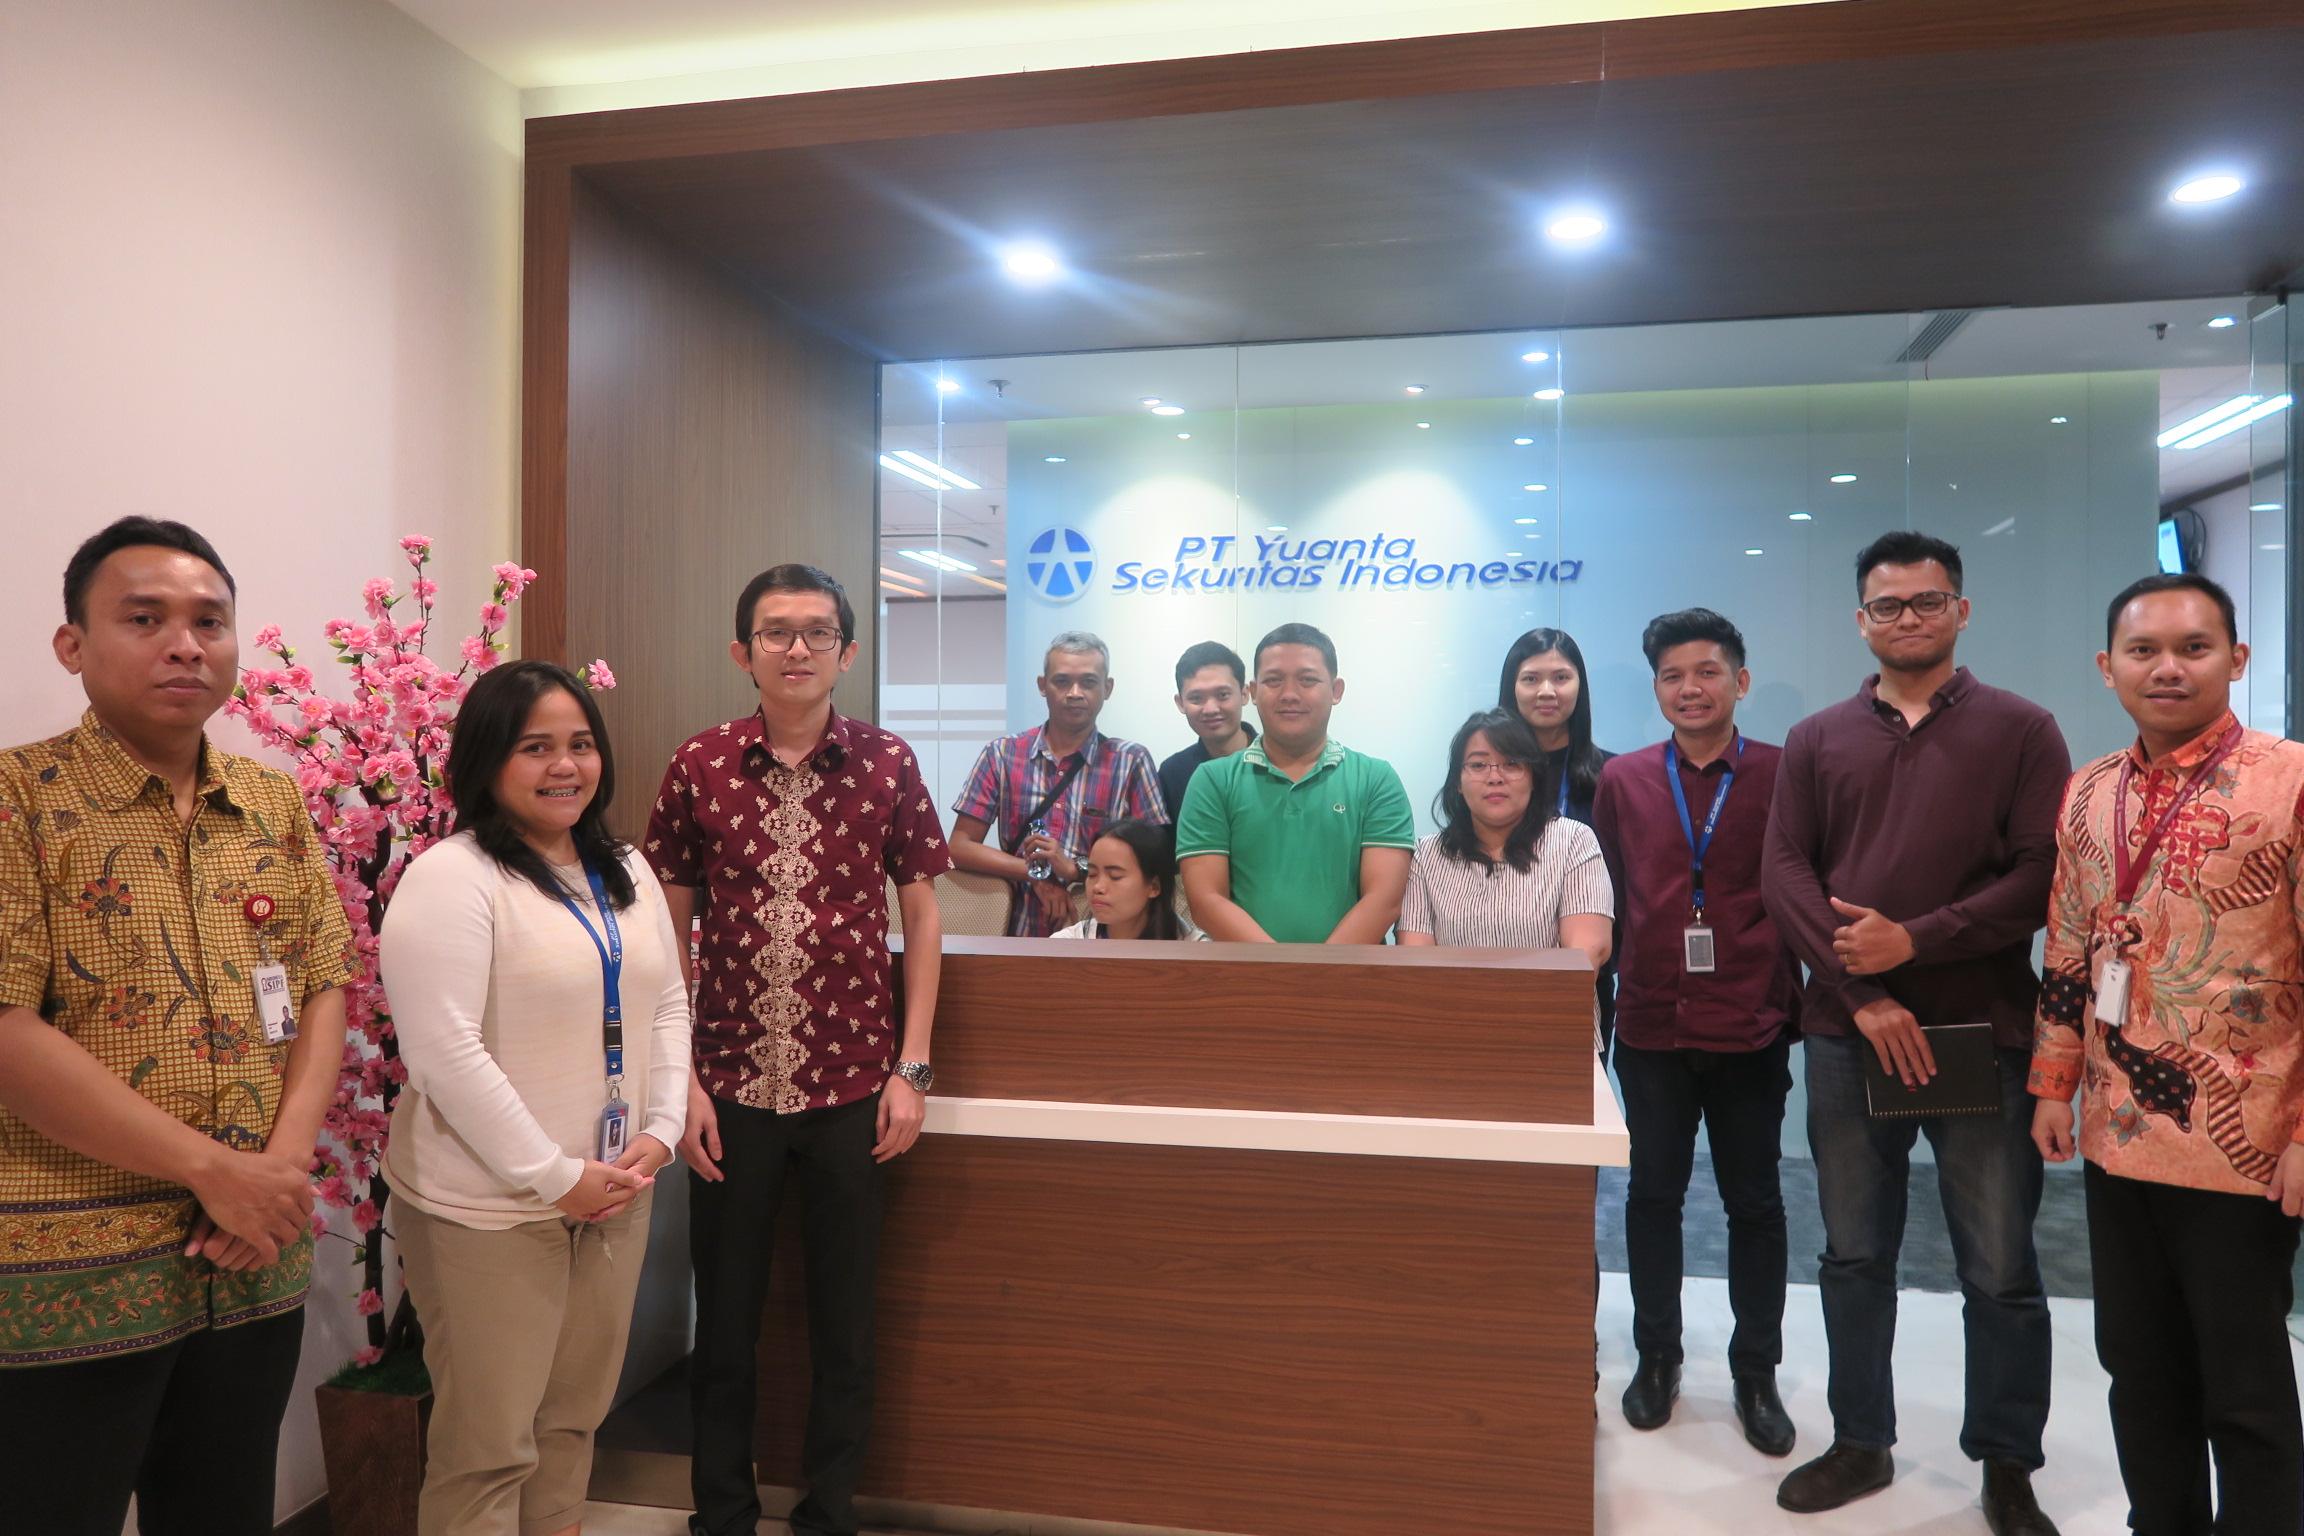 Kunjungan ke Yuanta Sekuritas Indonesia dalam Rangka Sosialisasi Dana Perlindungan Pemodal